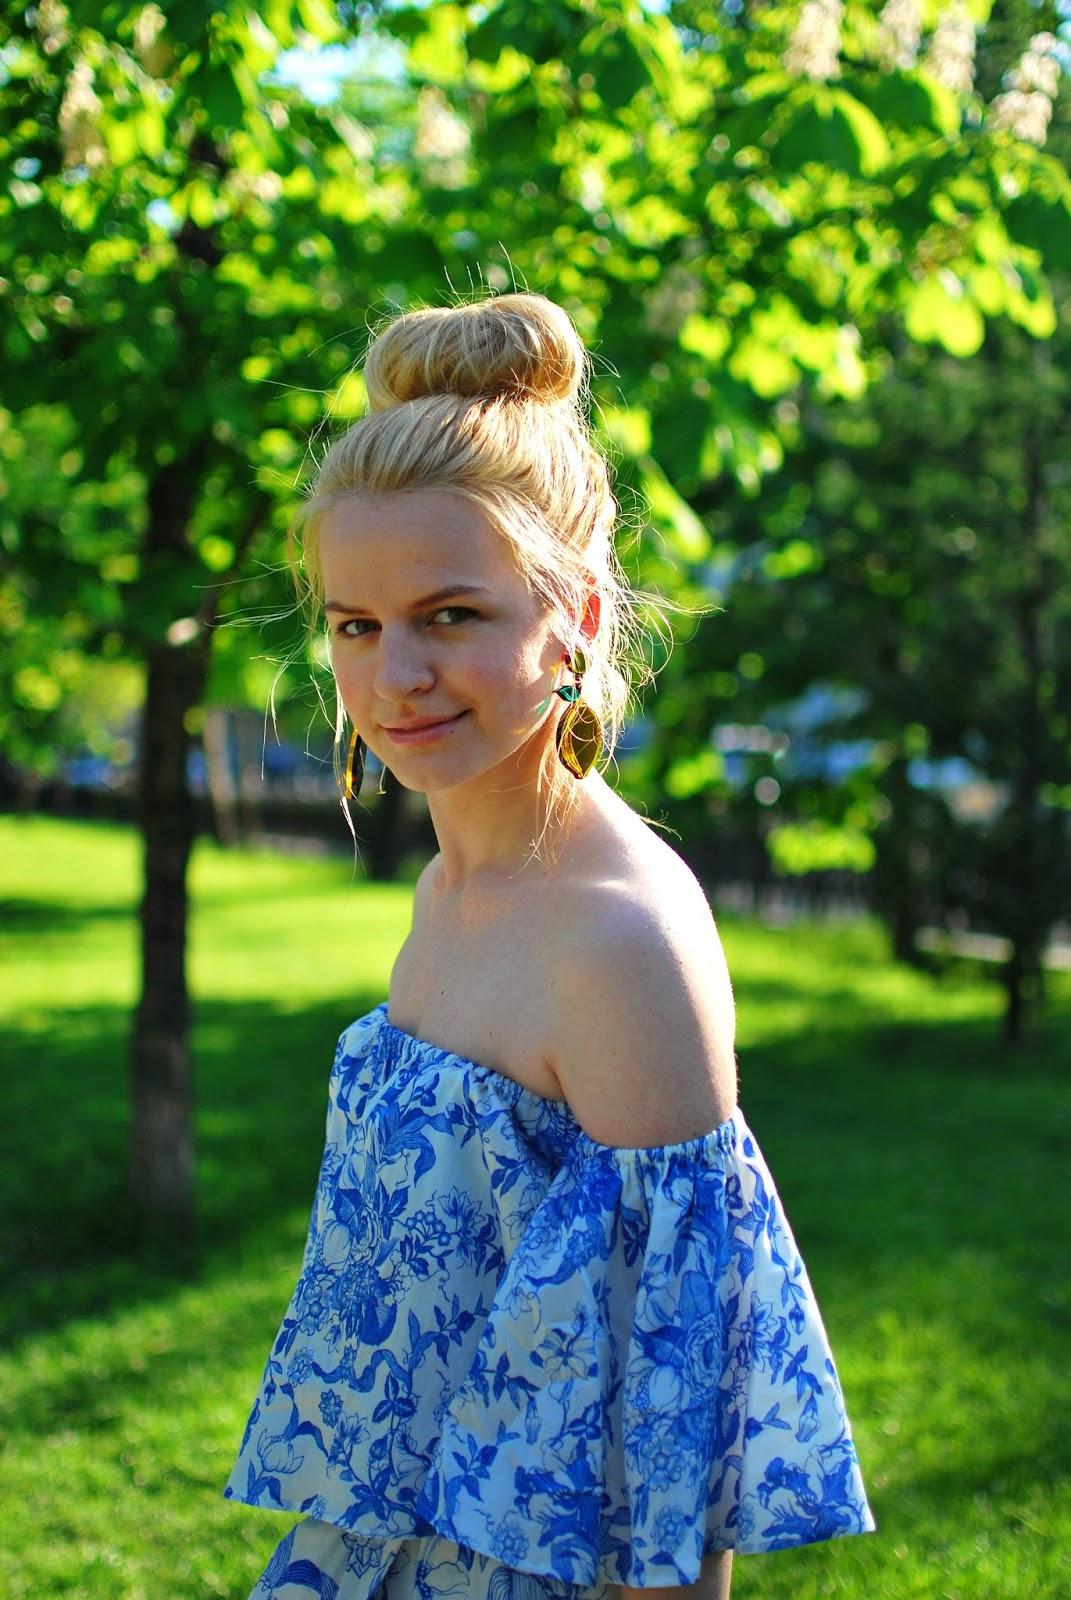 модные фото, модно летом, модные блоггеры, модные платья 2016 фото, fashion tips, lookbook, fashion look